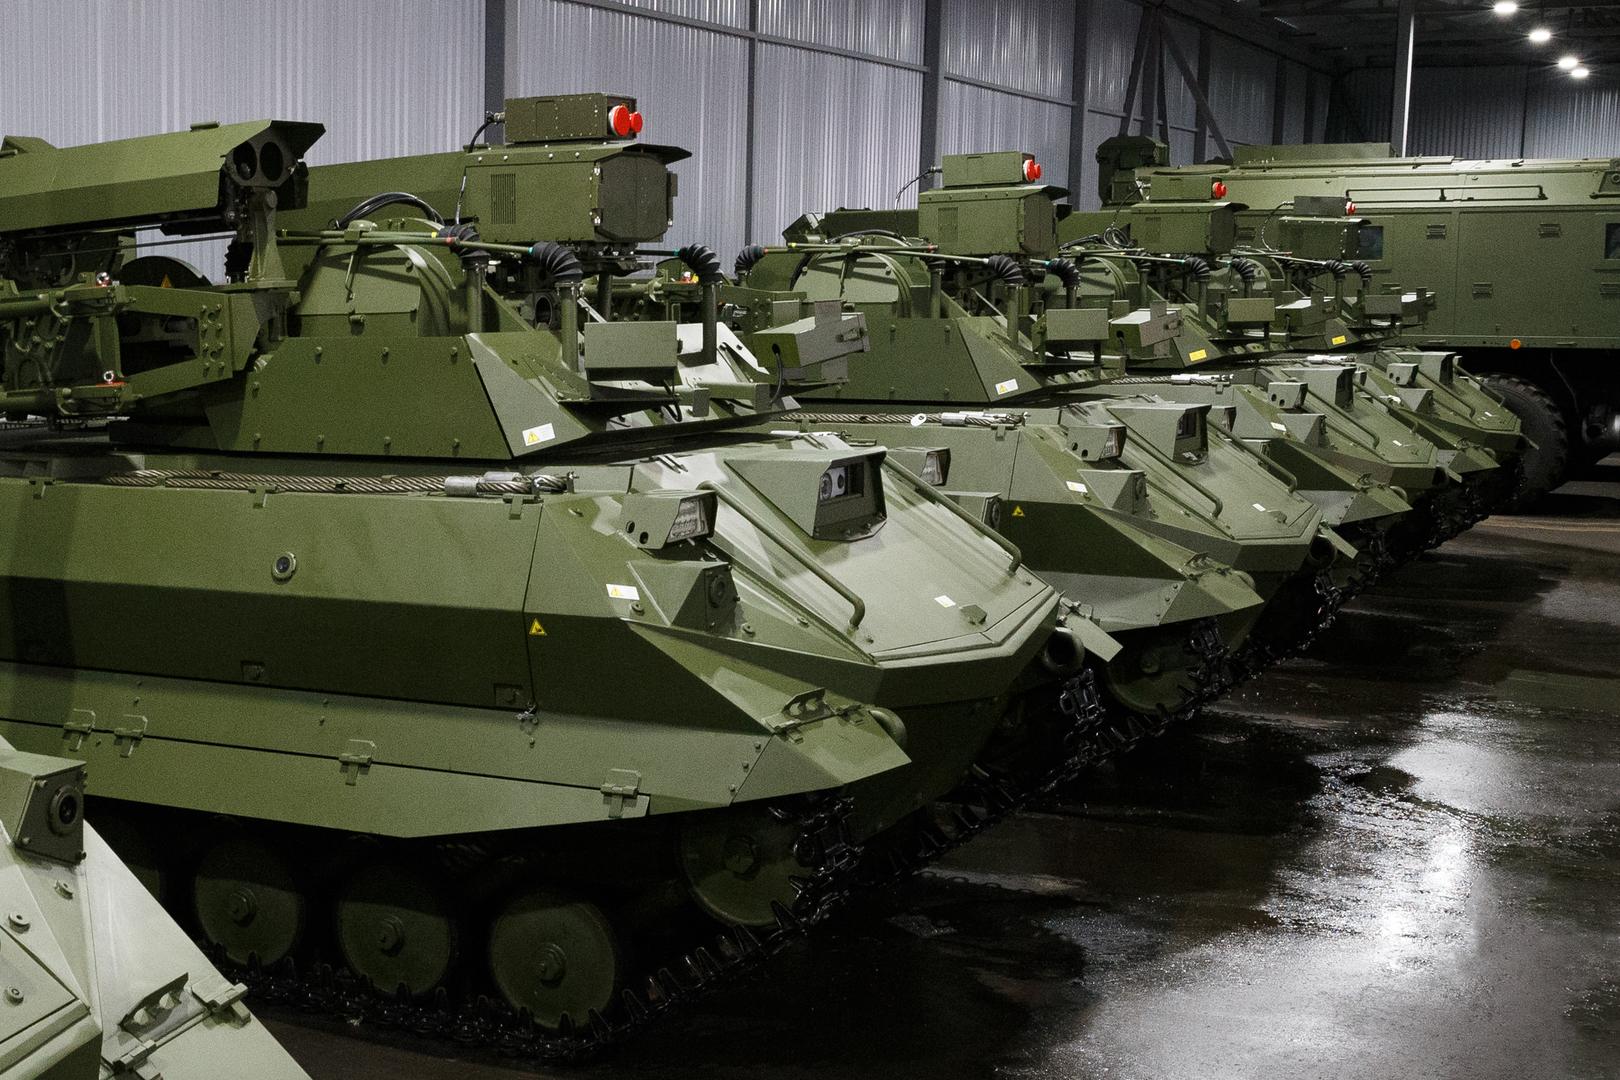 شويغو: بدء الإنتاج المتسلسل للروبوتات القتالية في روسيا